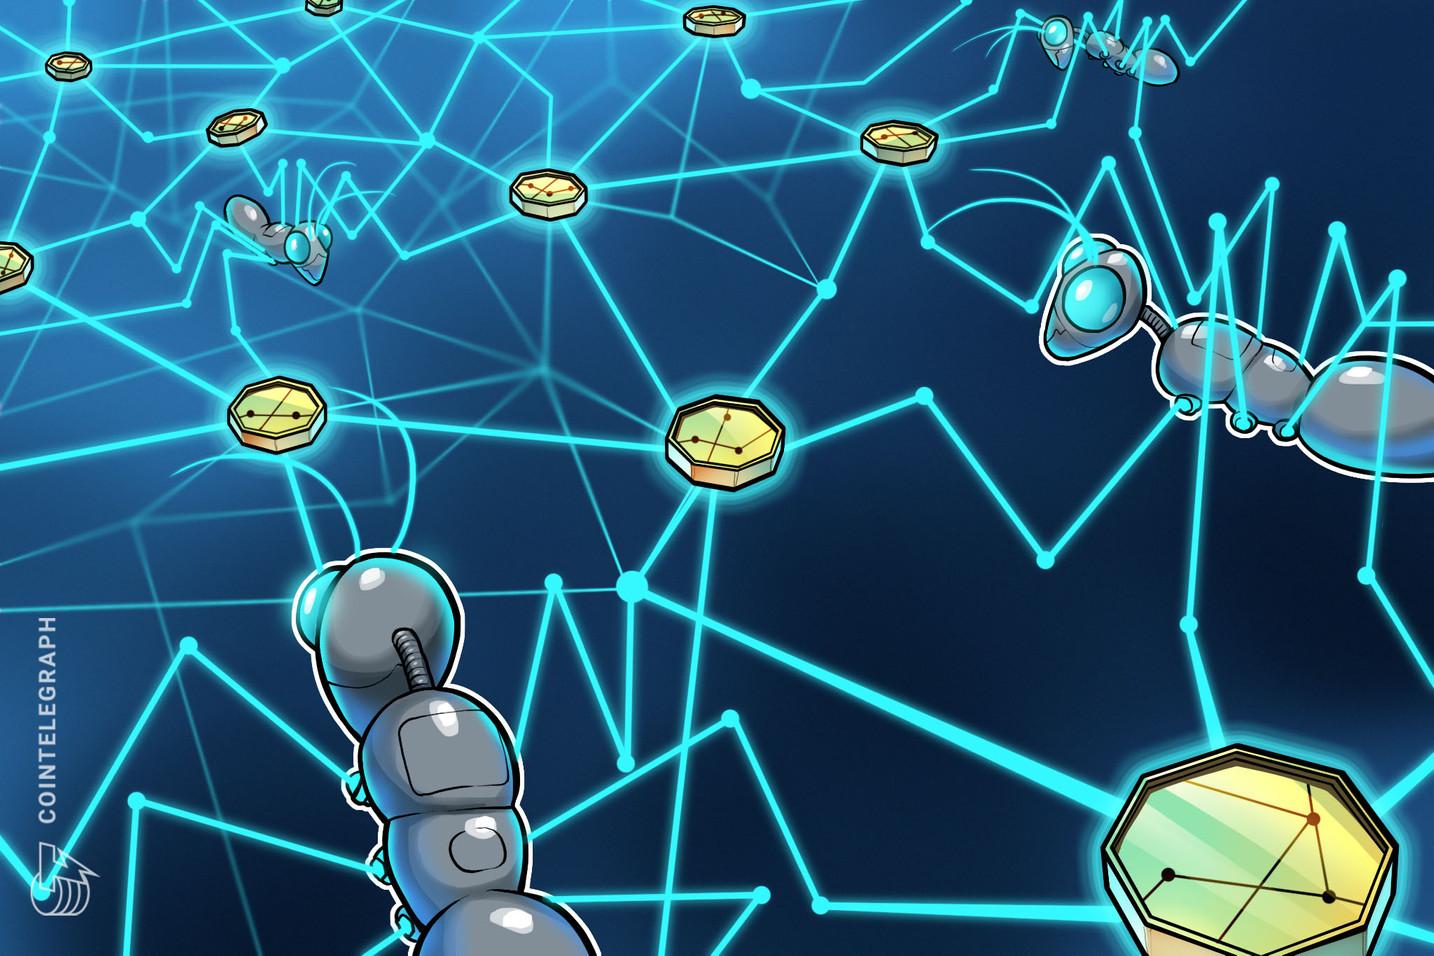 Cellebrite lanza su Crypto Tracer para rastrear transacciones ilícitas